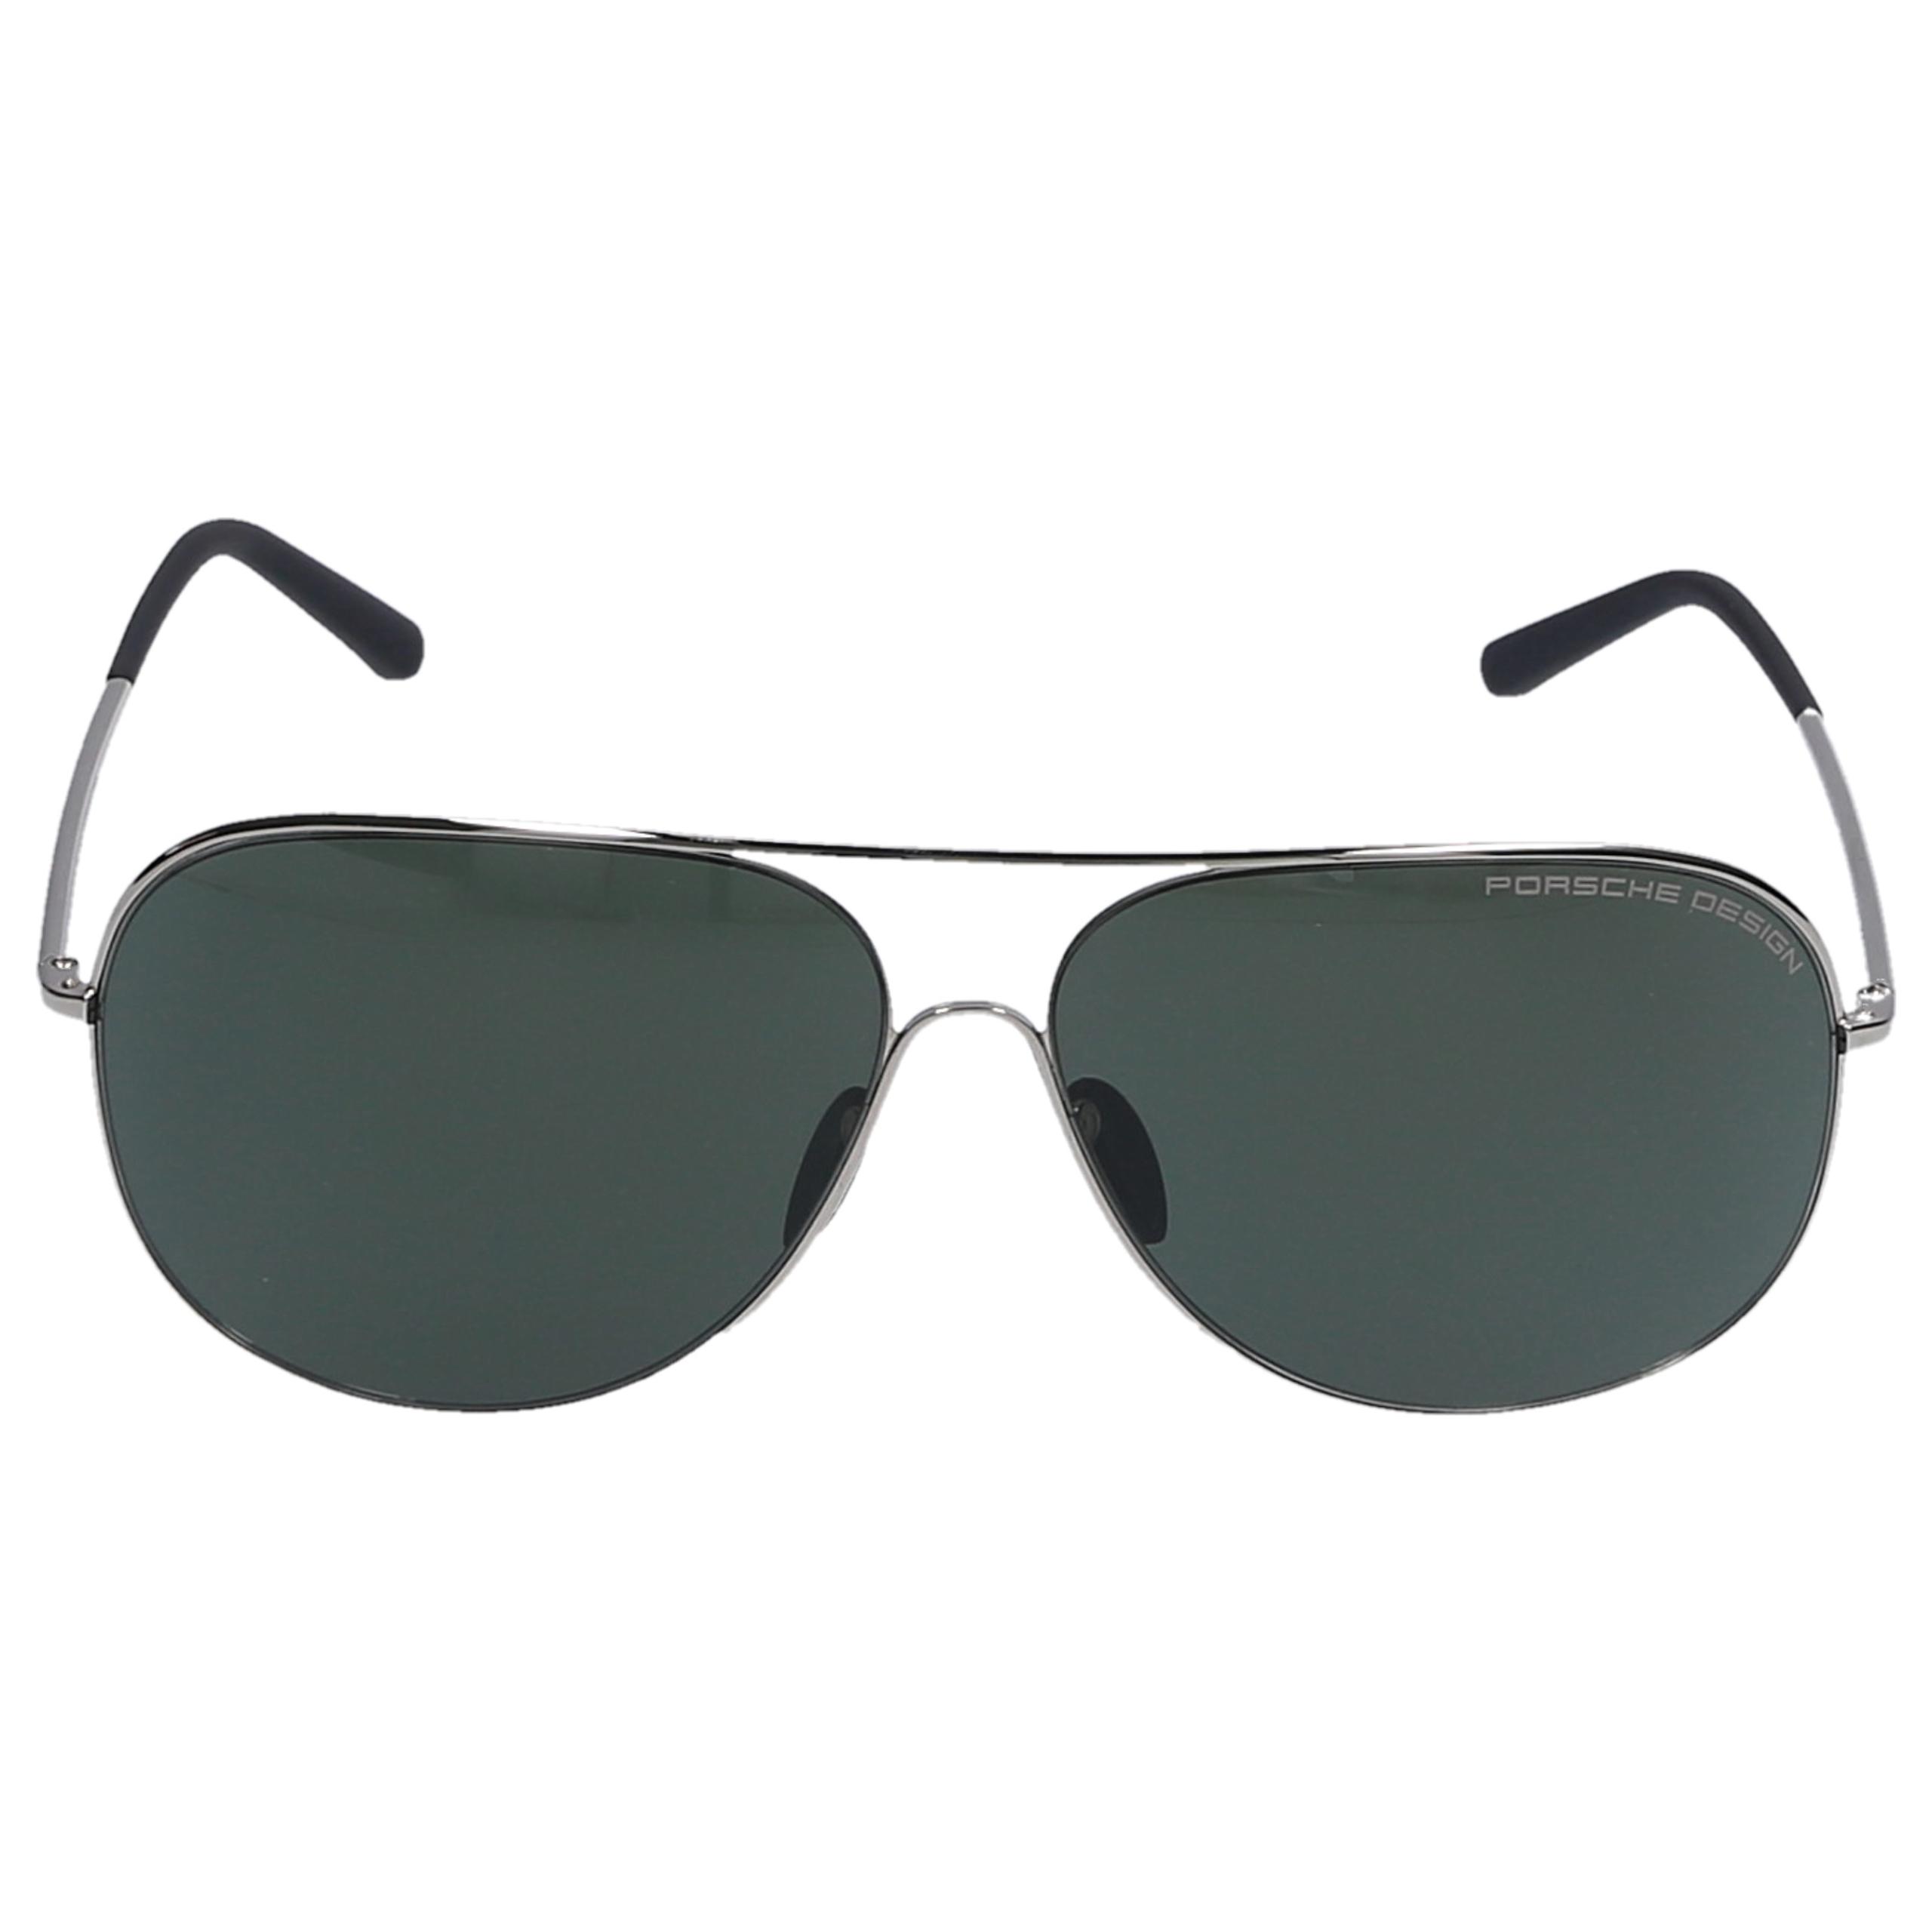 Sonnenbrille Aviator P8605 B 64/12 Metall silber